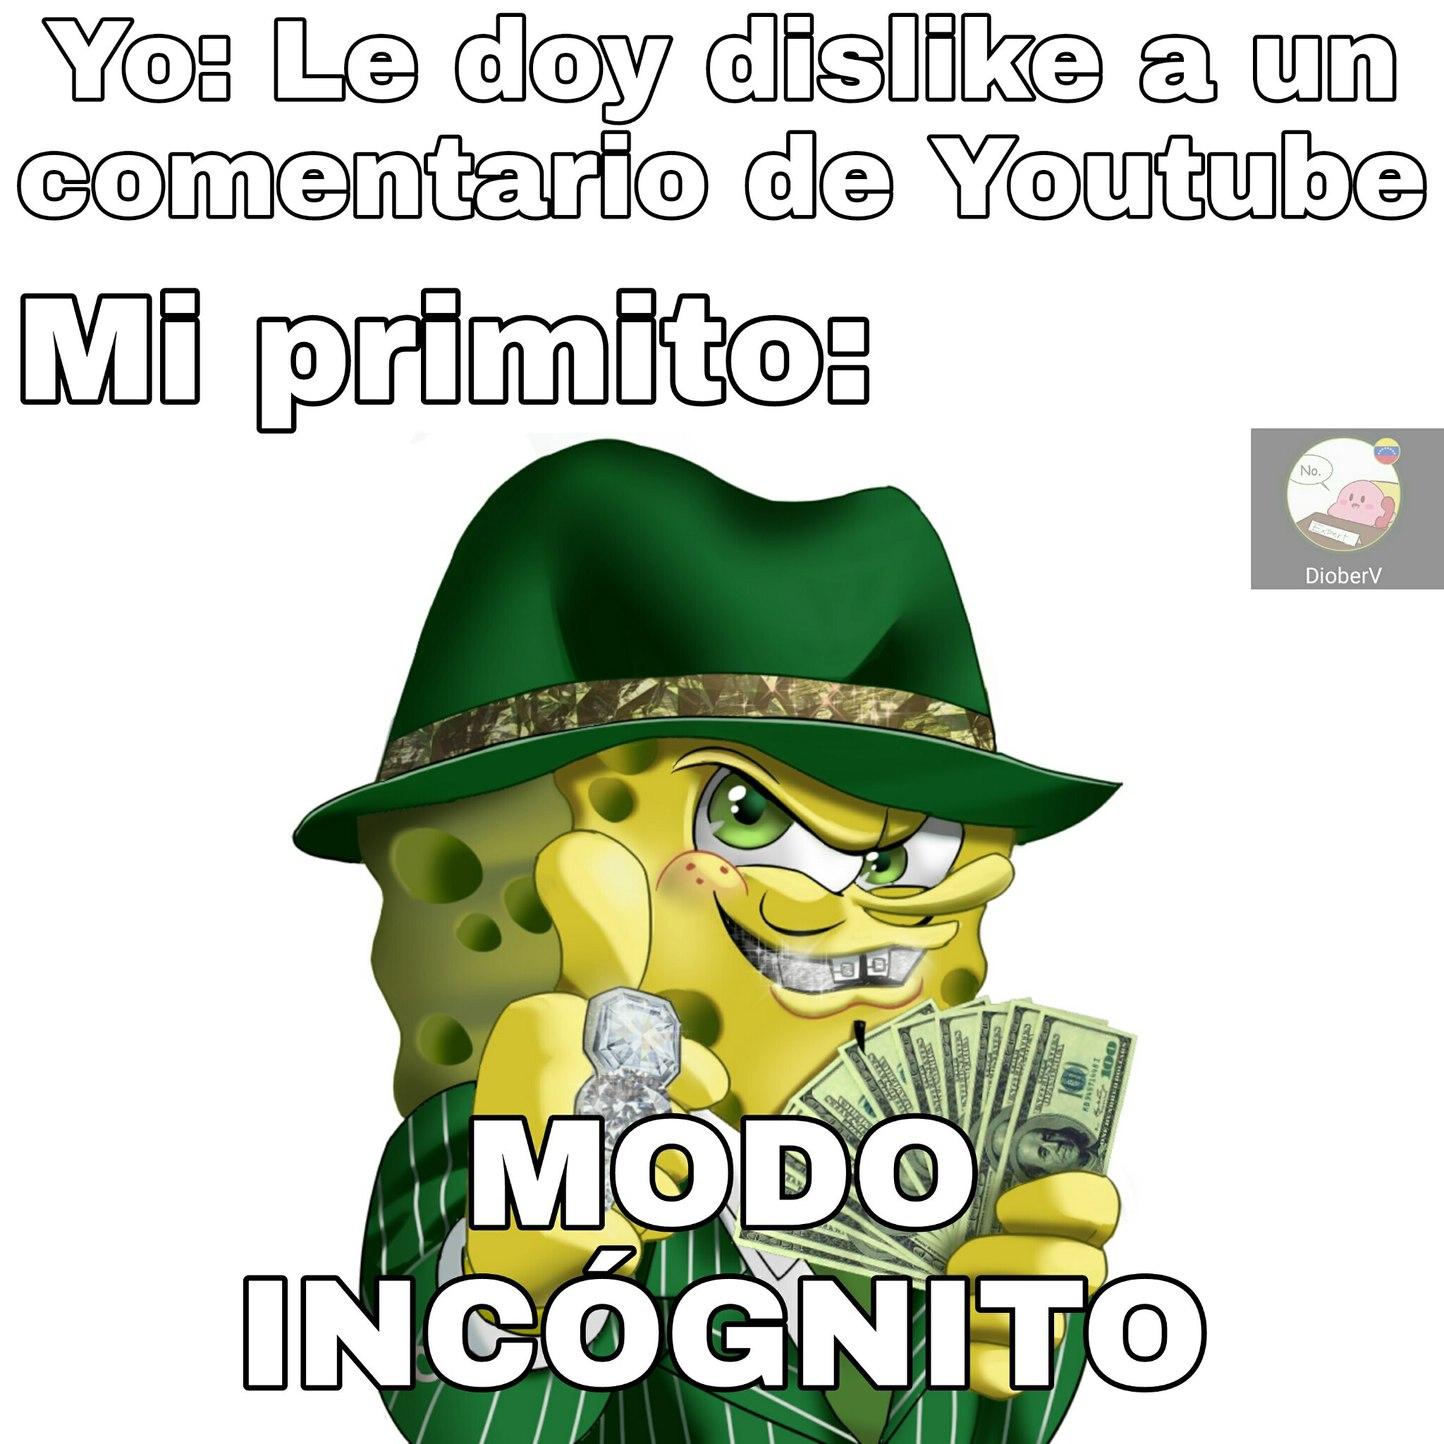 Modo Incognito - meme